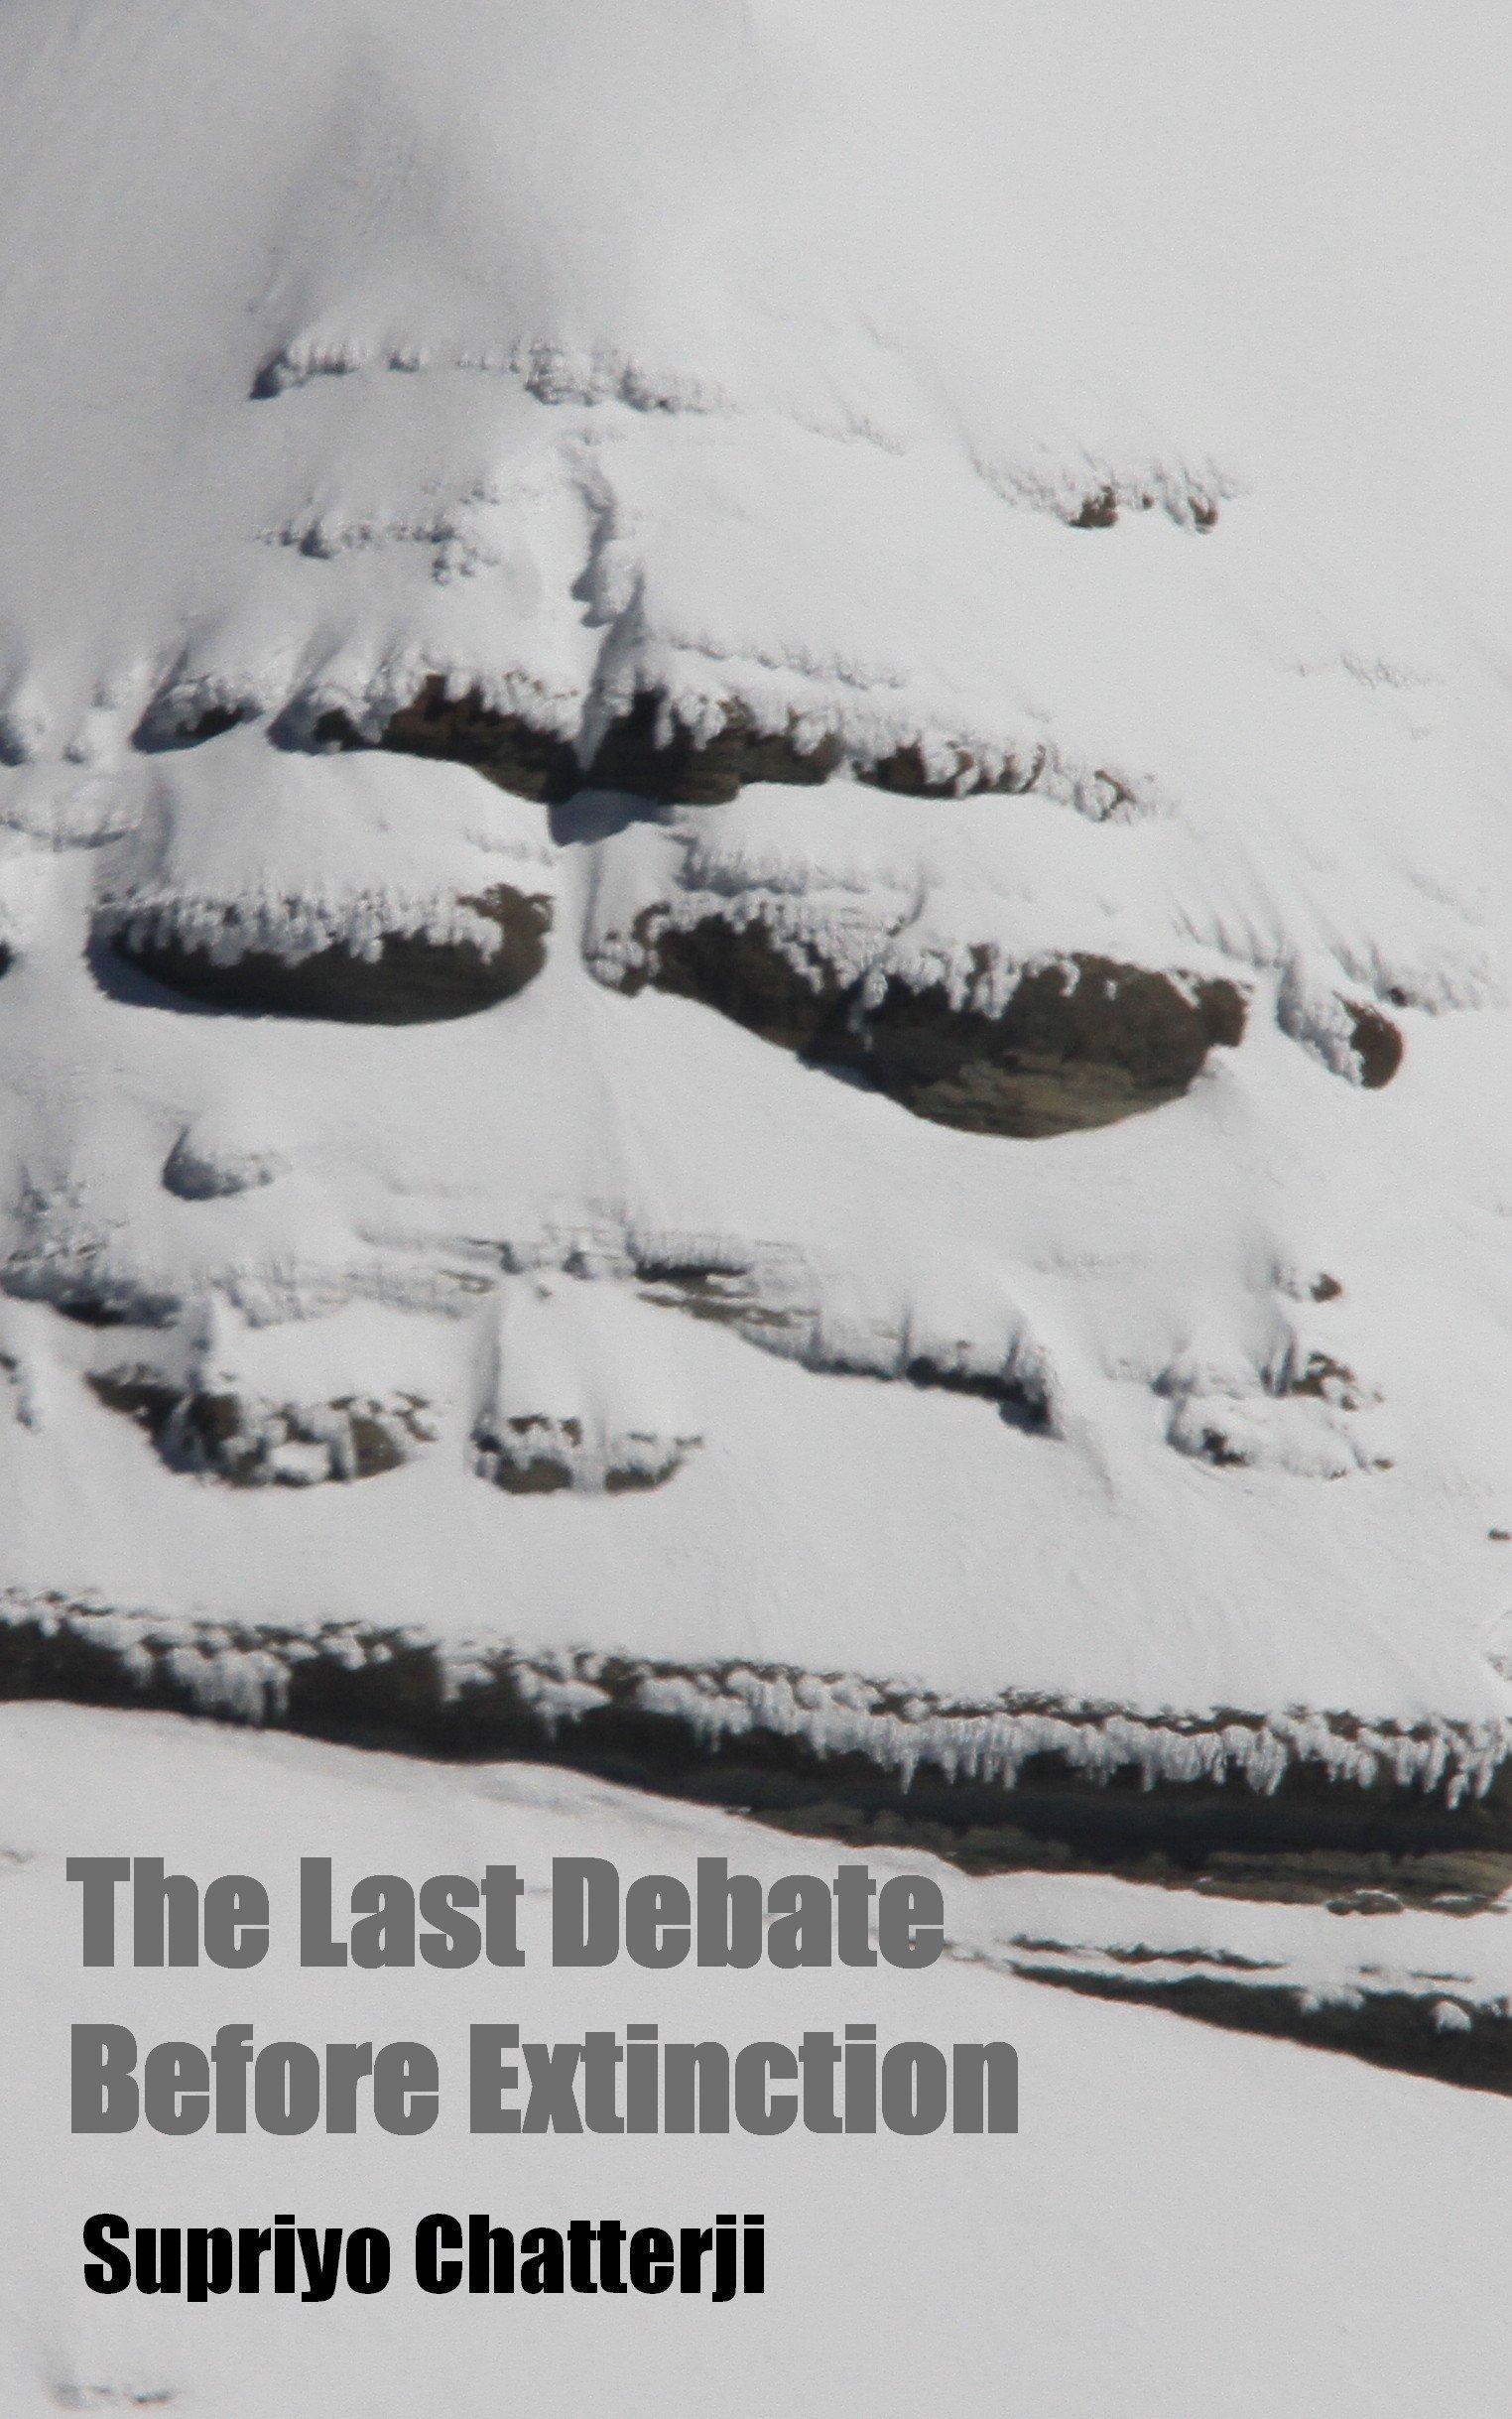 The Last Debate Before Extinction